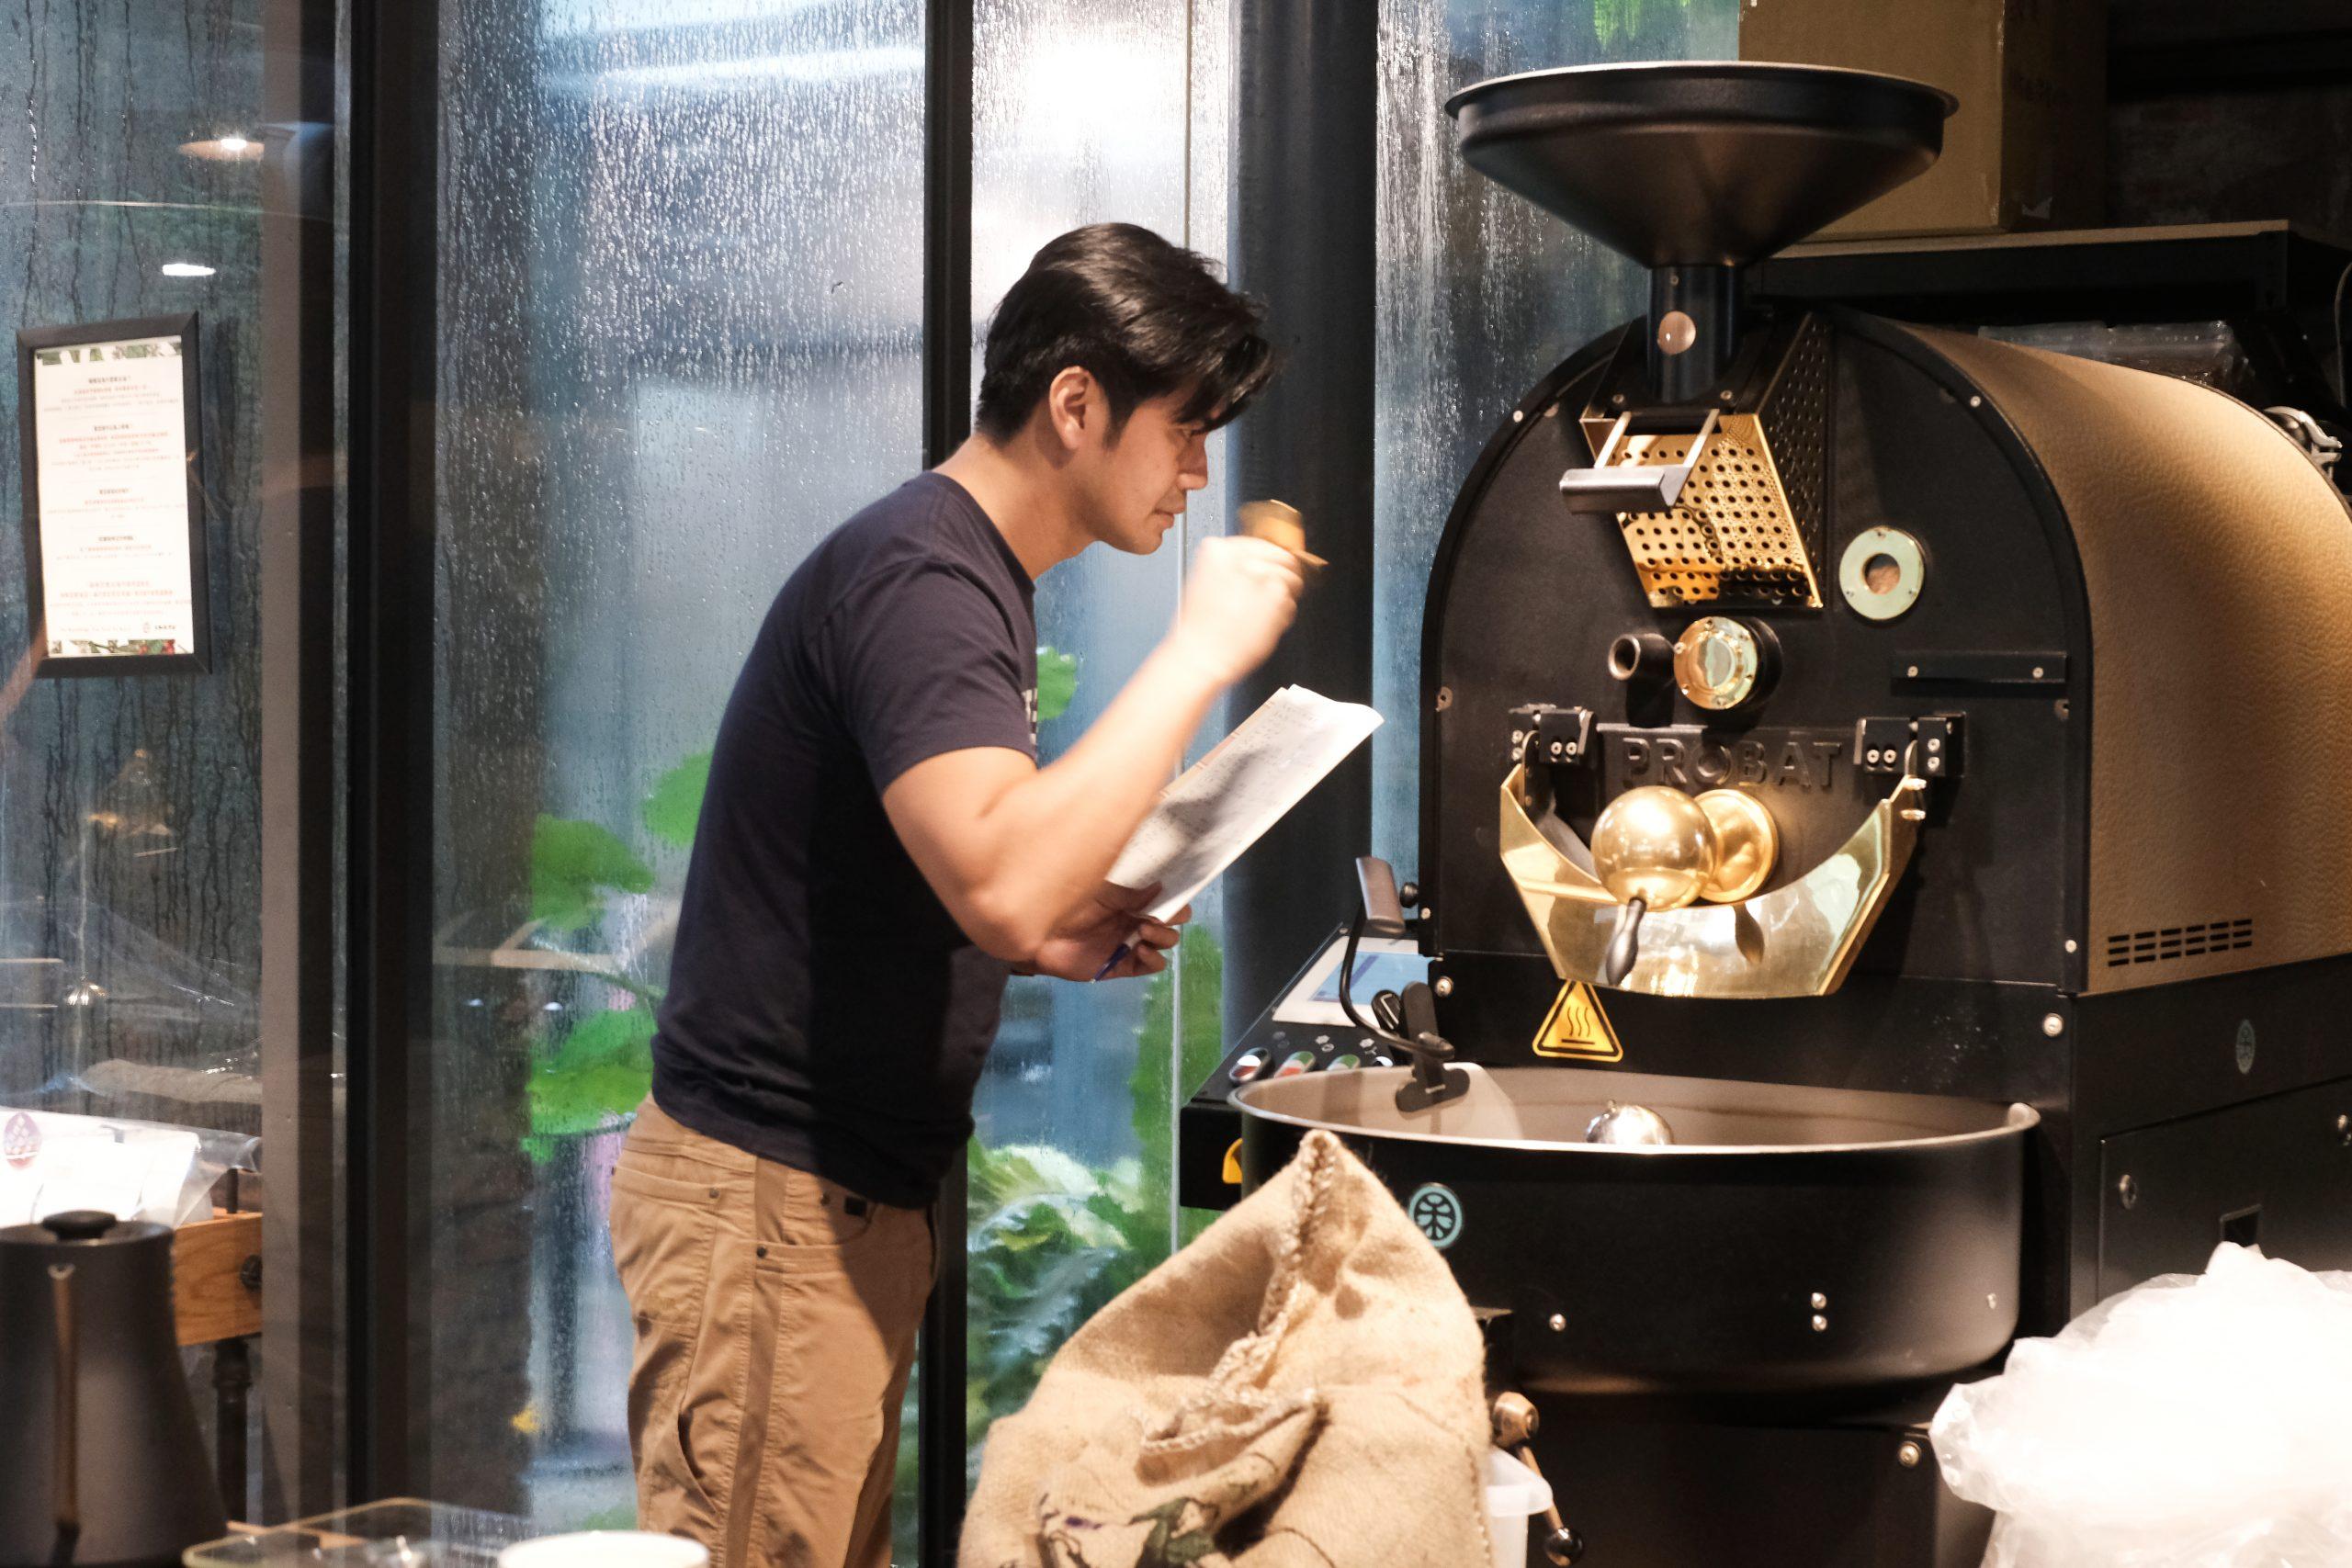 台灣 台灣味市集 pop-up 南豐紗廠 台灣好物 大和頓物所咖啡 賴元豐 咖啡 炒豆機